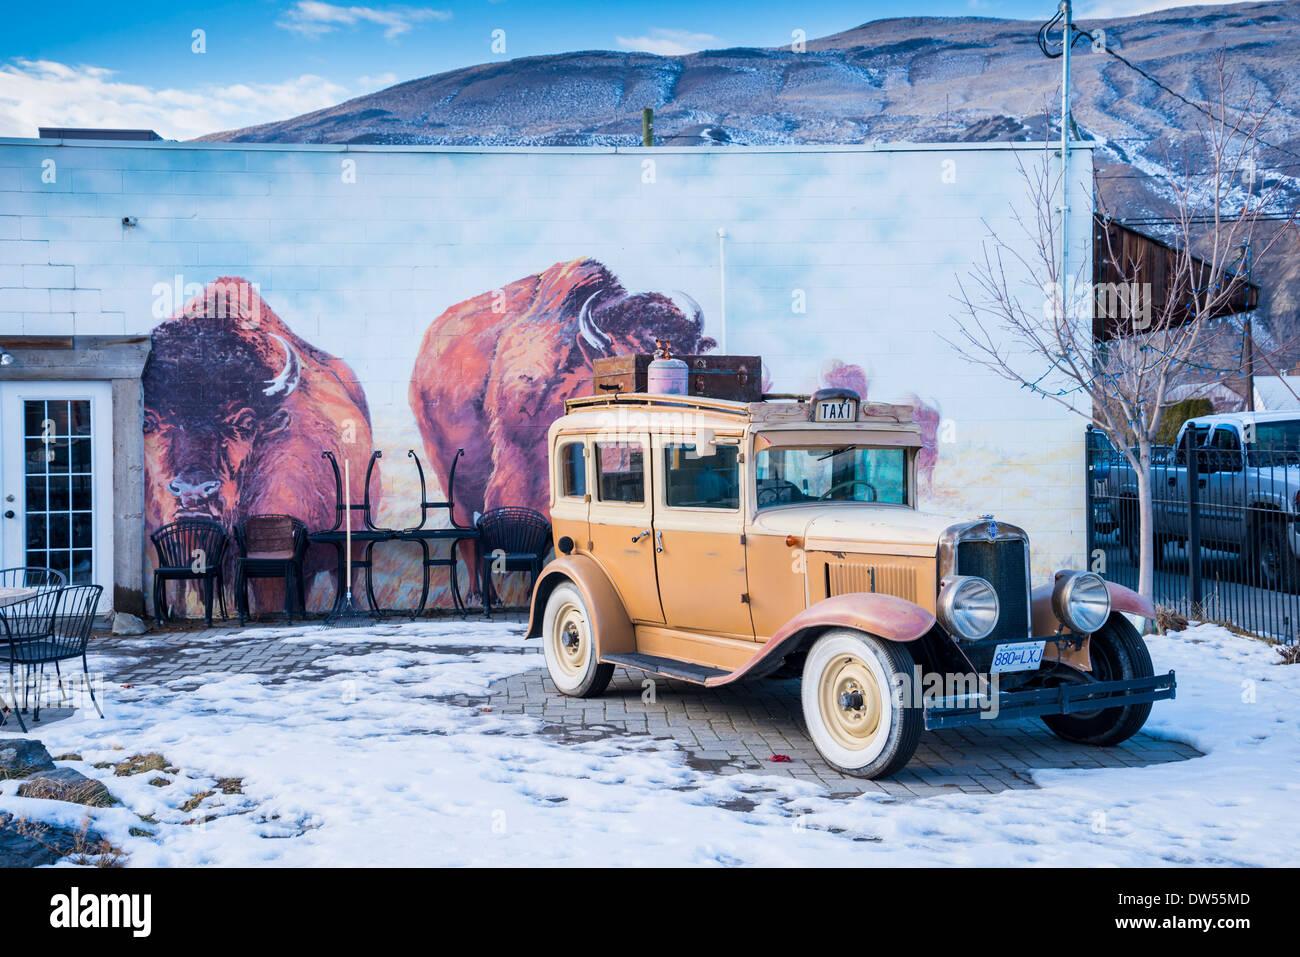 Bisonte mural y vintage chevrolet taxi, Ashcroft, British Columbia, Canadá Imagen De Stock